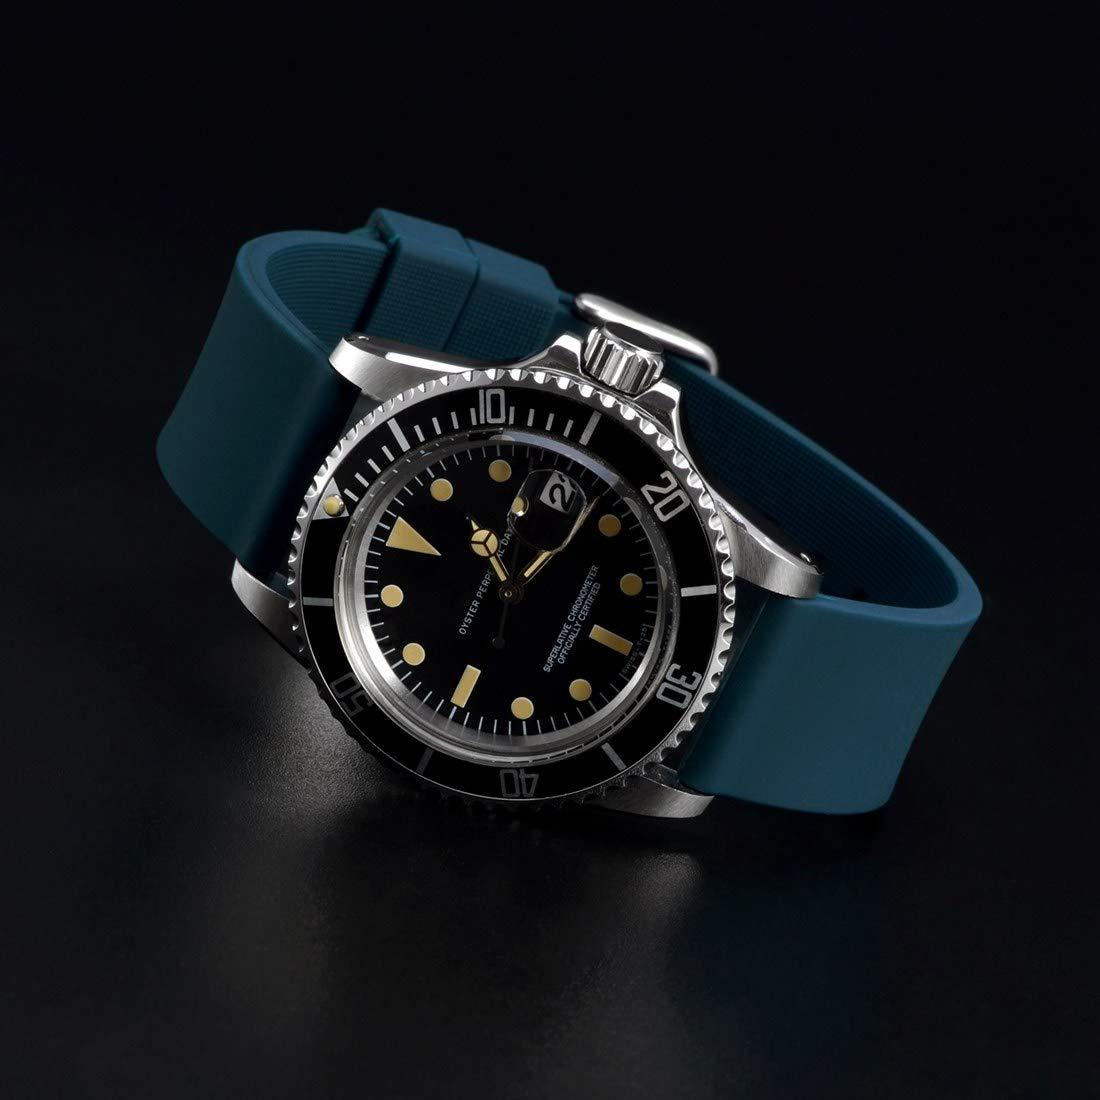 WOCCI - Correa de Silicona para Reloj (14 mm, 18 mm, 20 mm, 22 mm): Amazon.es: Relojes